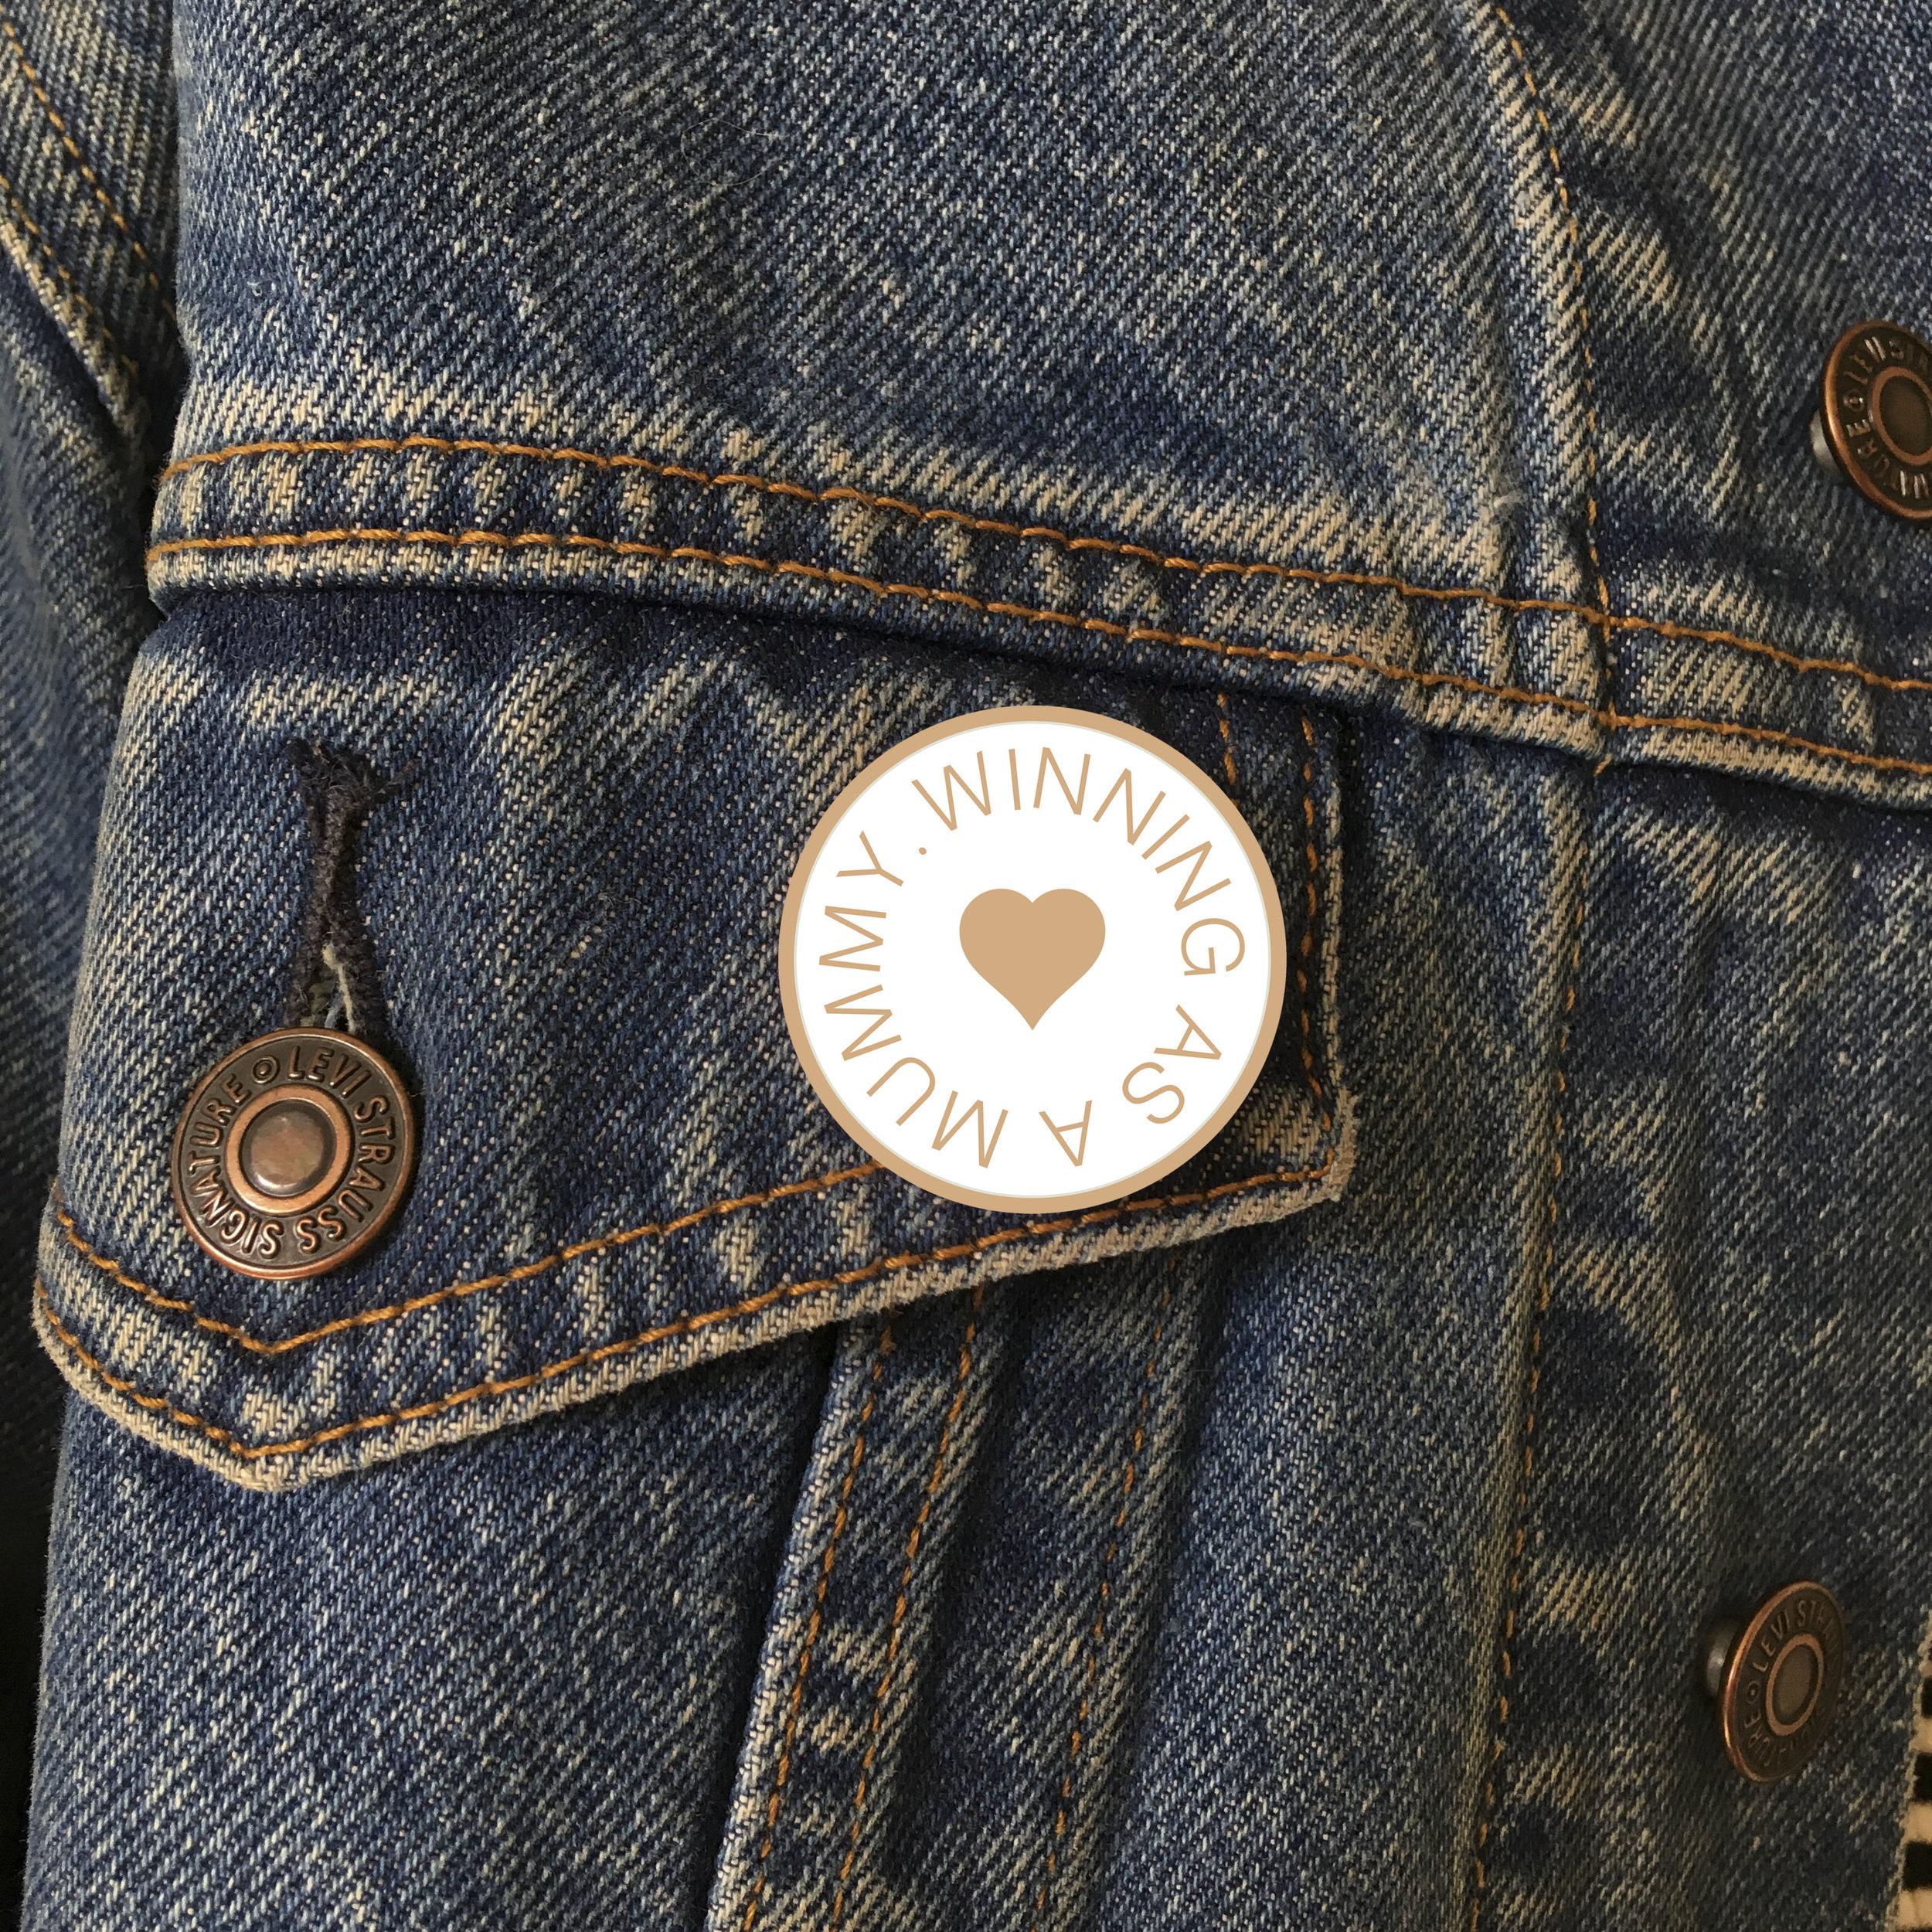 Pin Mock up on Jacket.